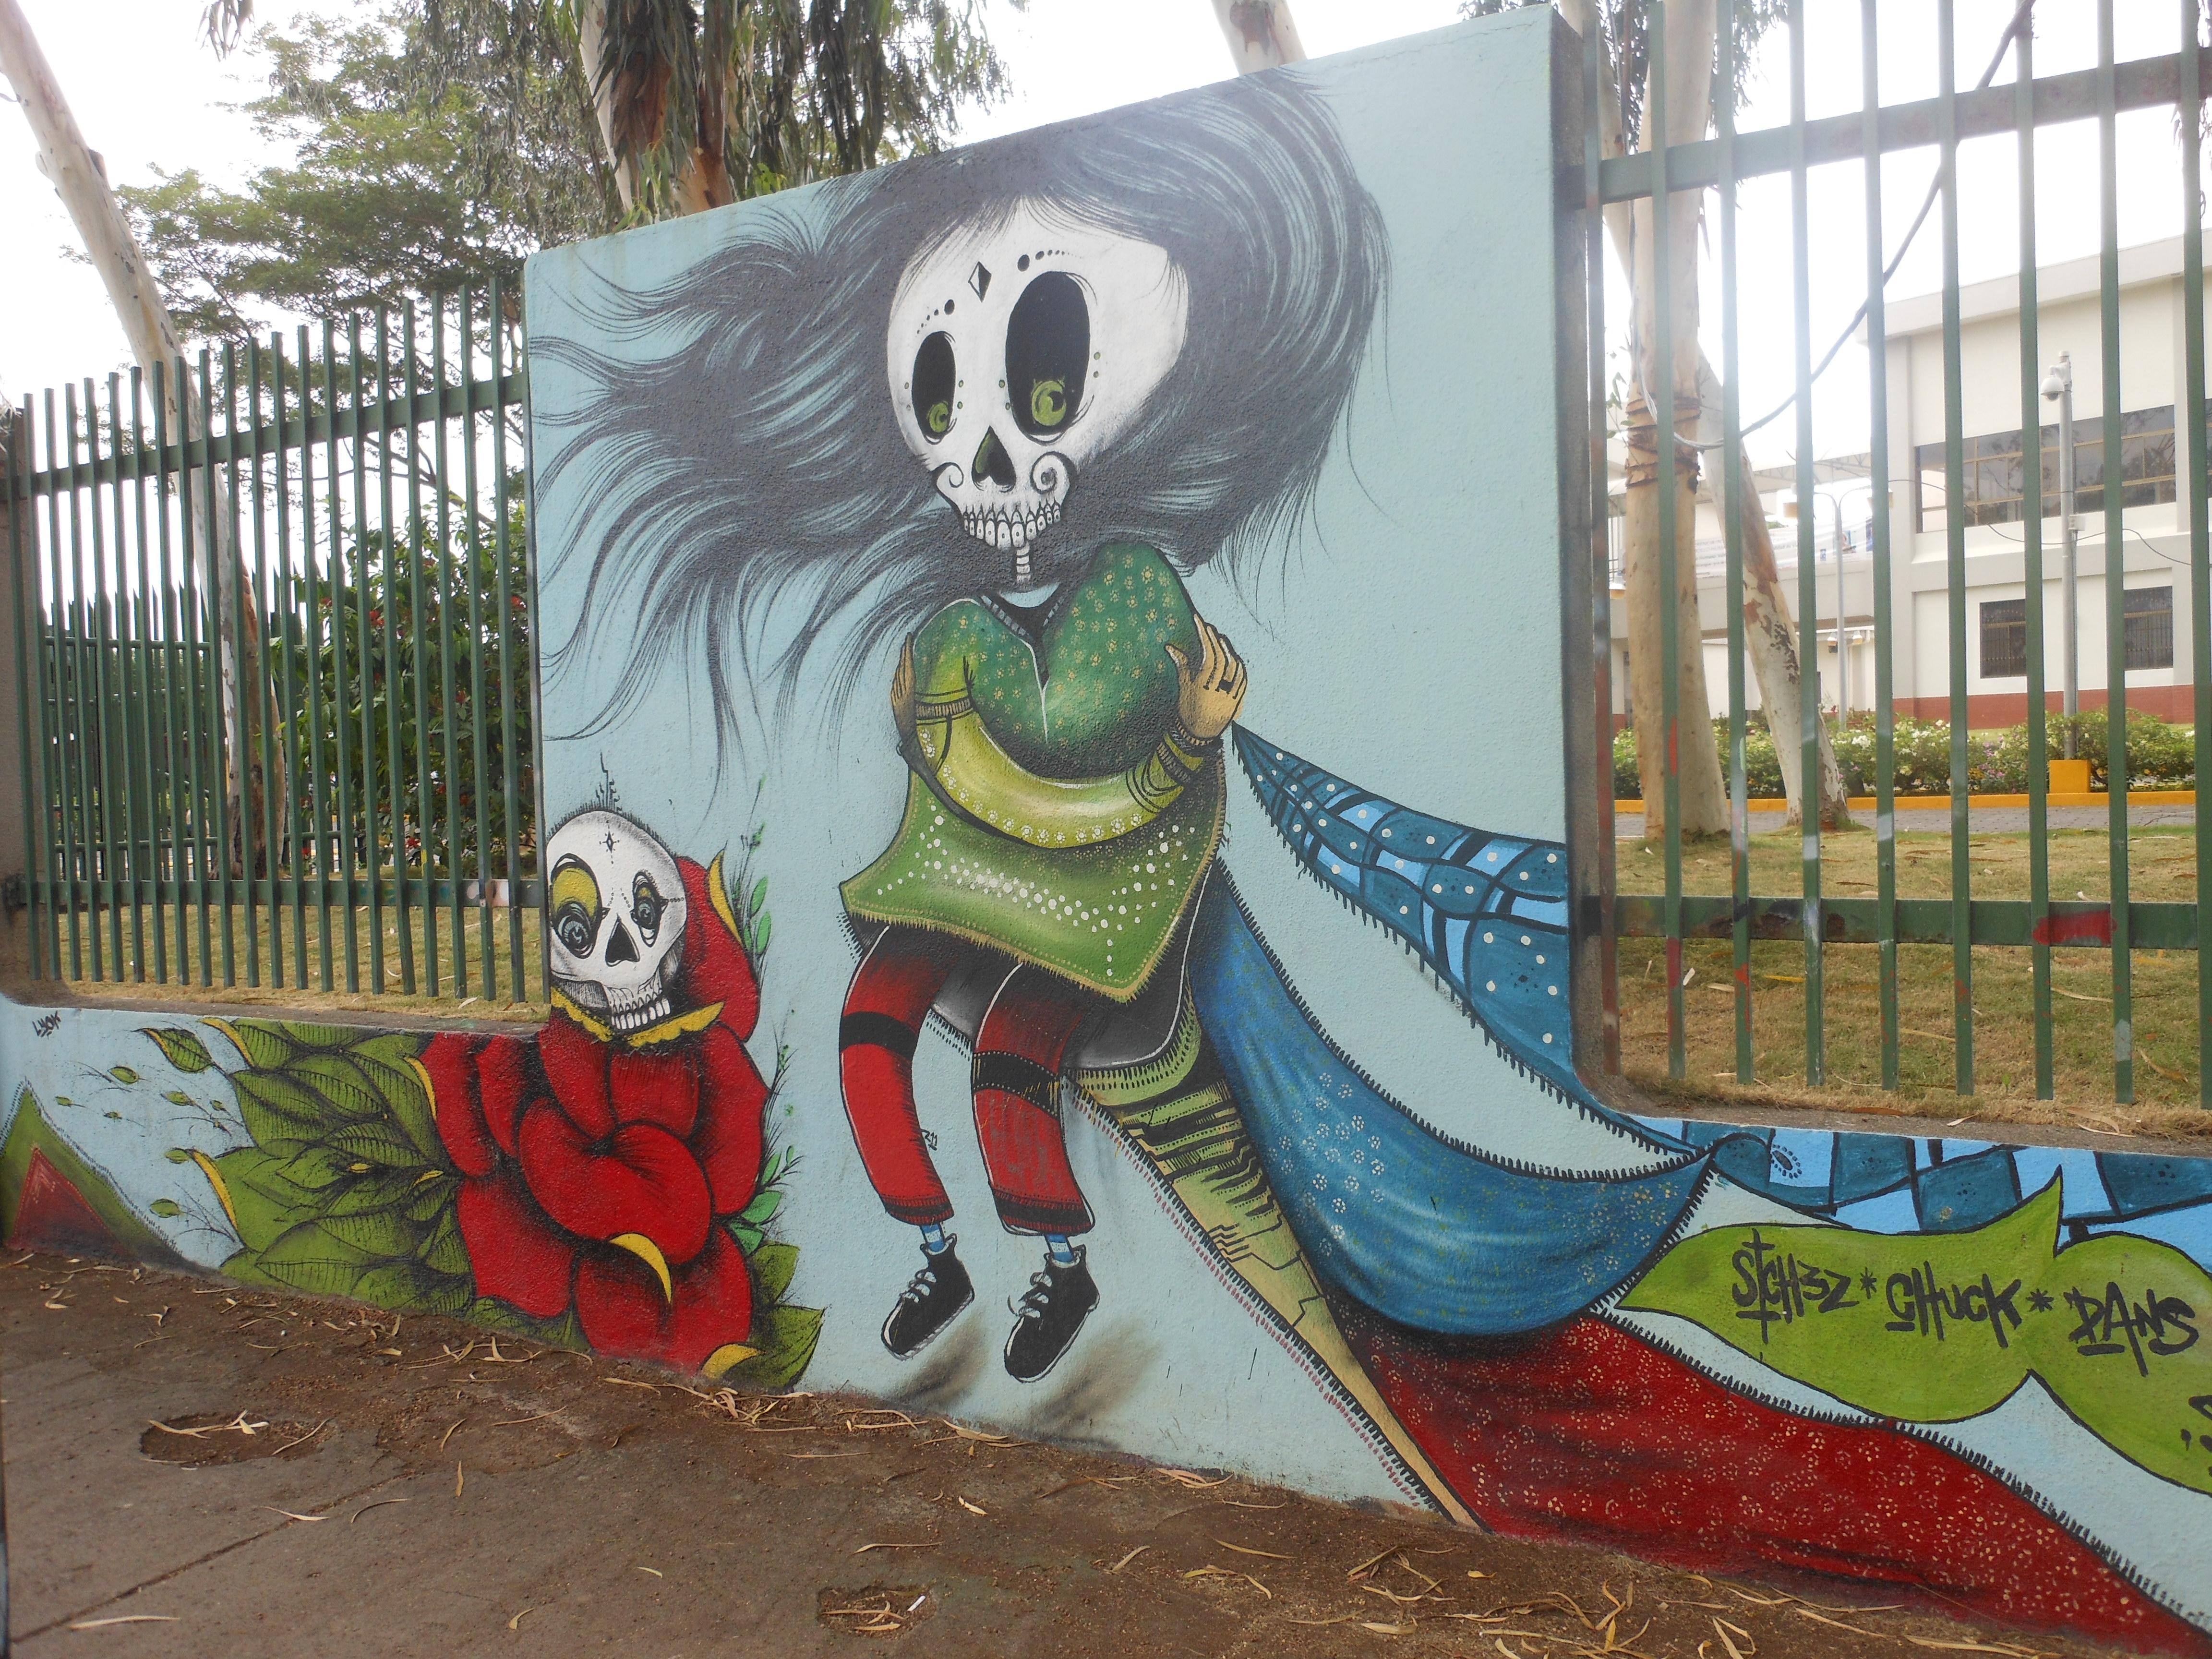 graffiti-18-managua-nicaragua_14048938002_o